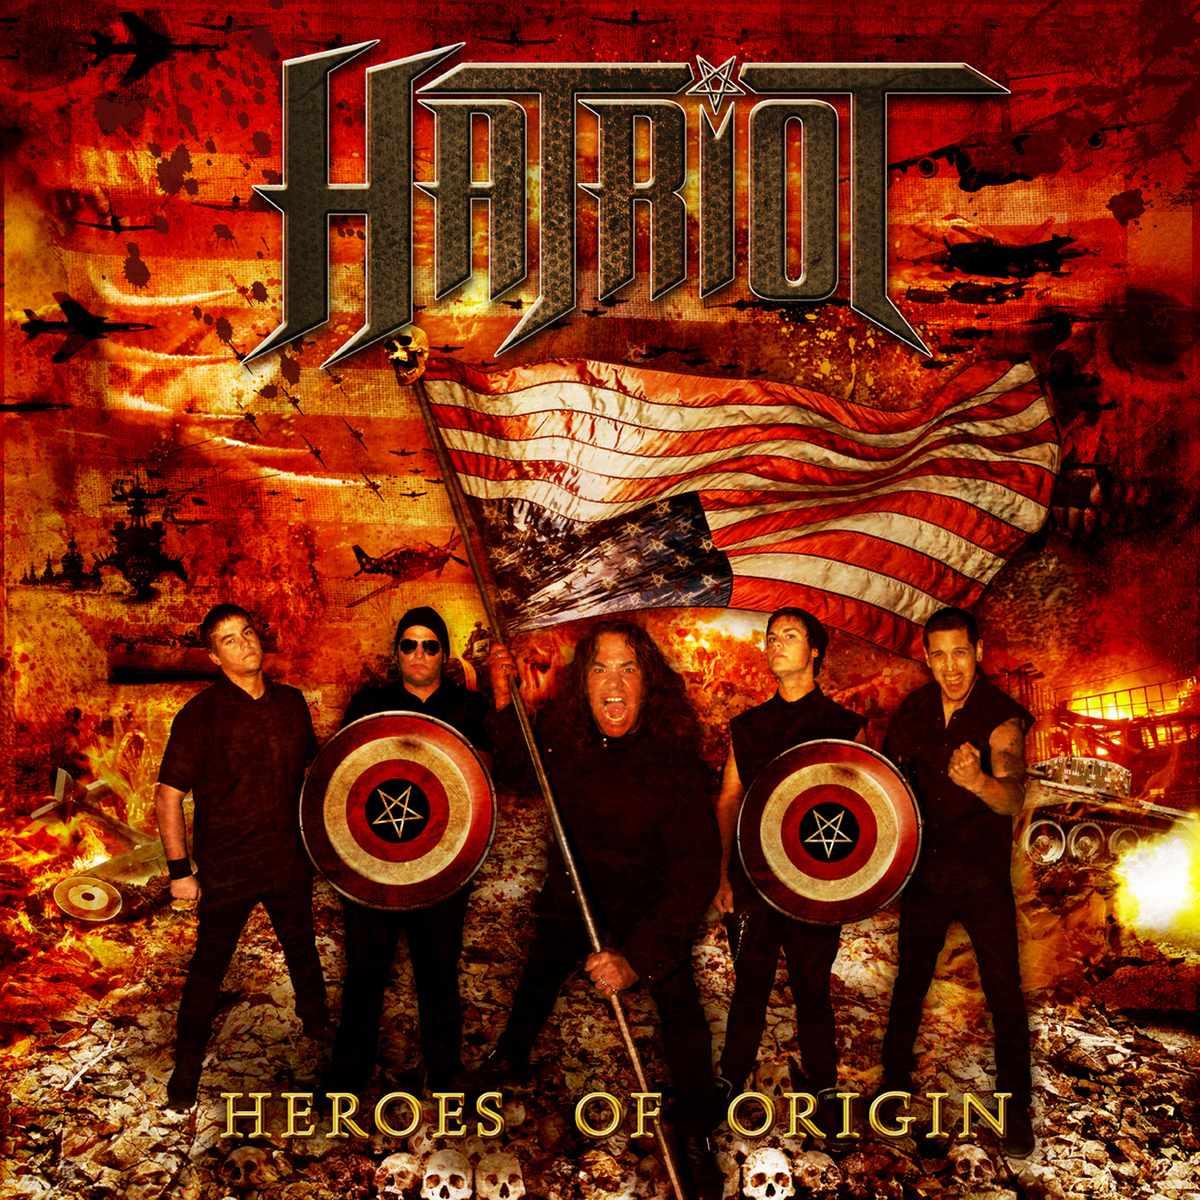 Hatriot - Heroes of Origin